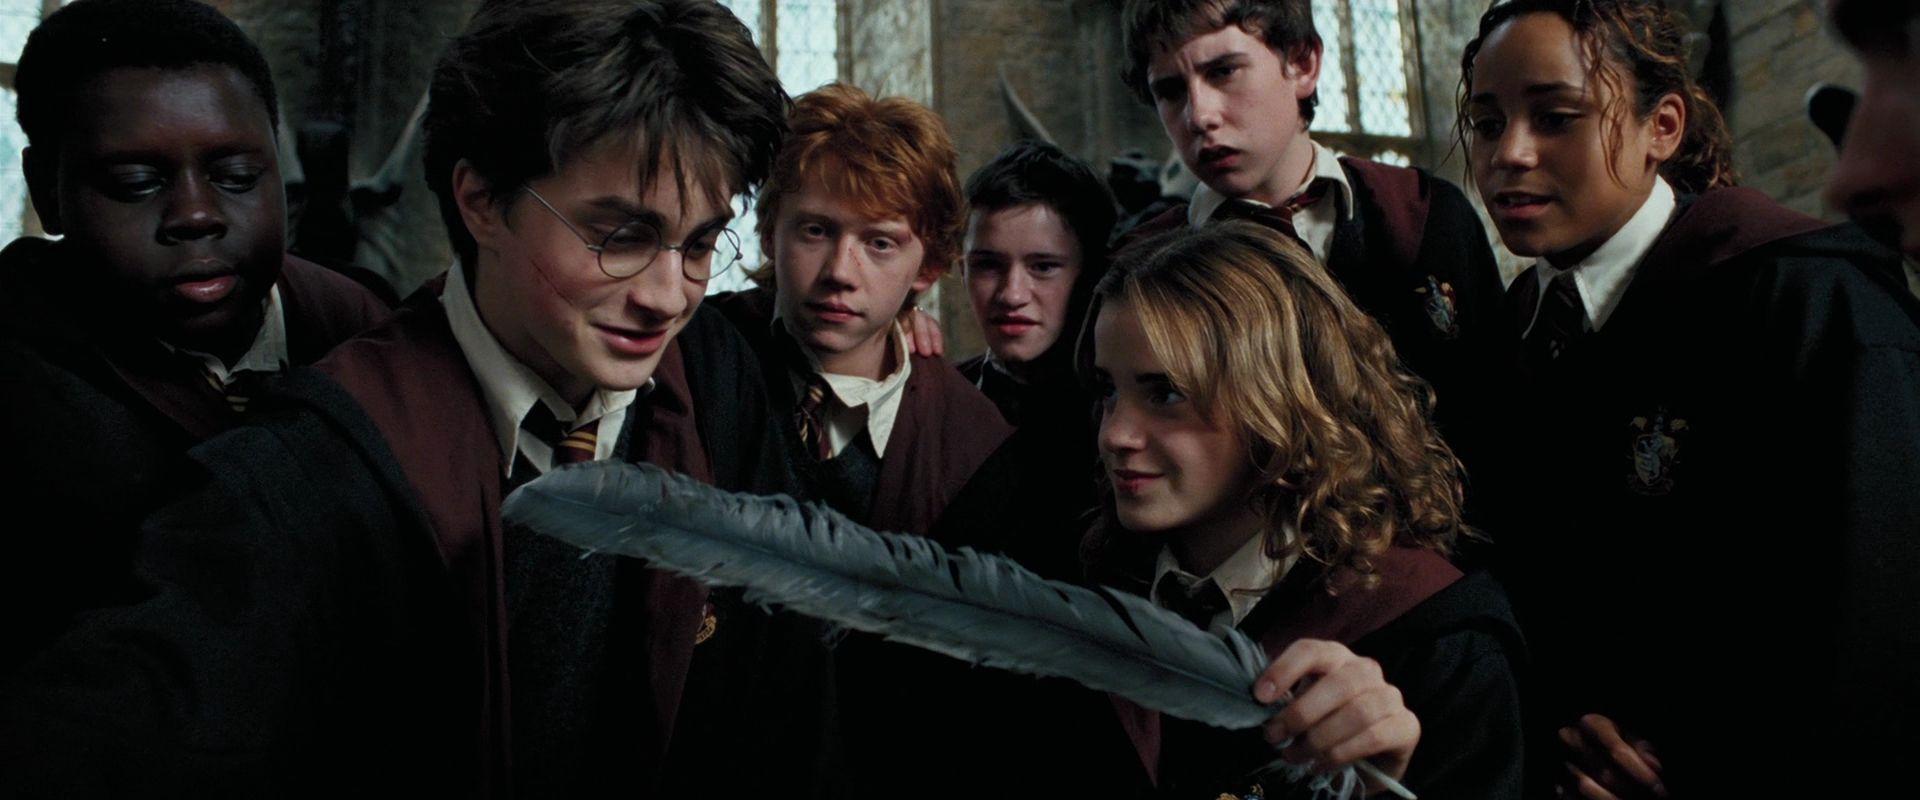 Harry Potter y el cáliz de fuego\' (Mike Newell, 2005) | CineDosMil